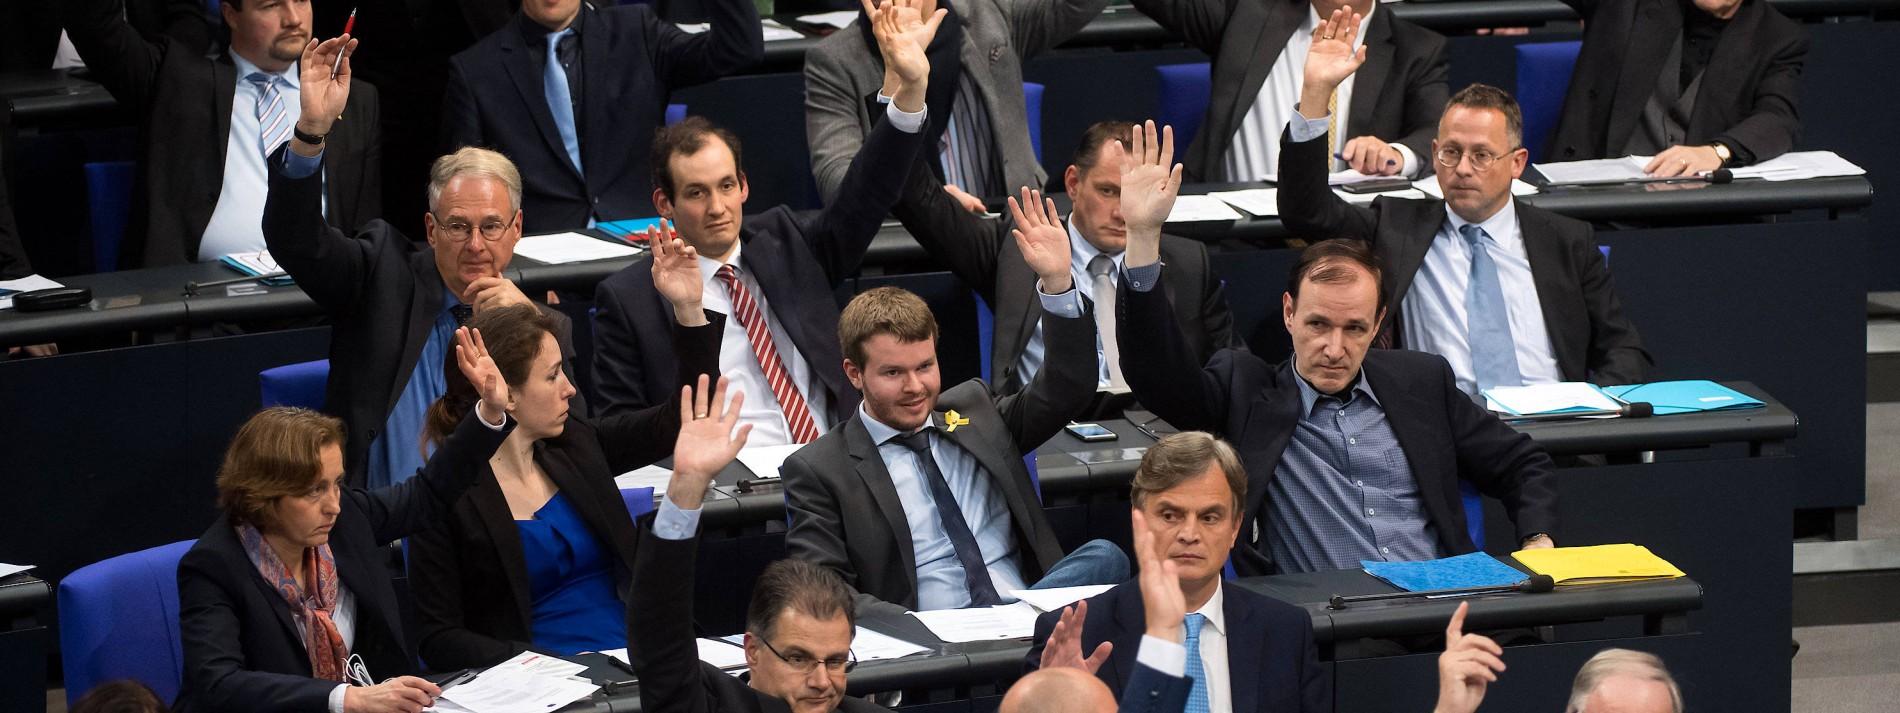 Ist die AfD auf dem Weg zur Arbeiterpartei?